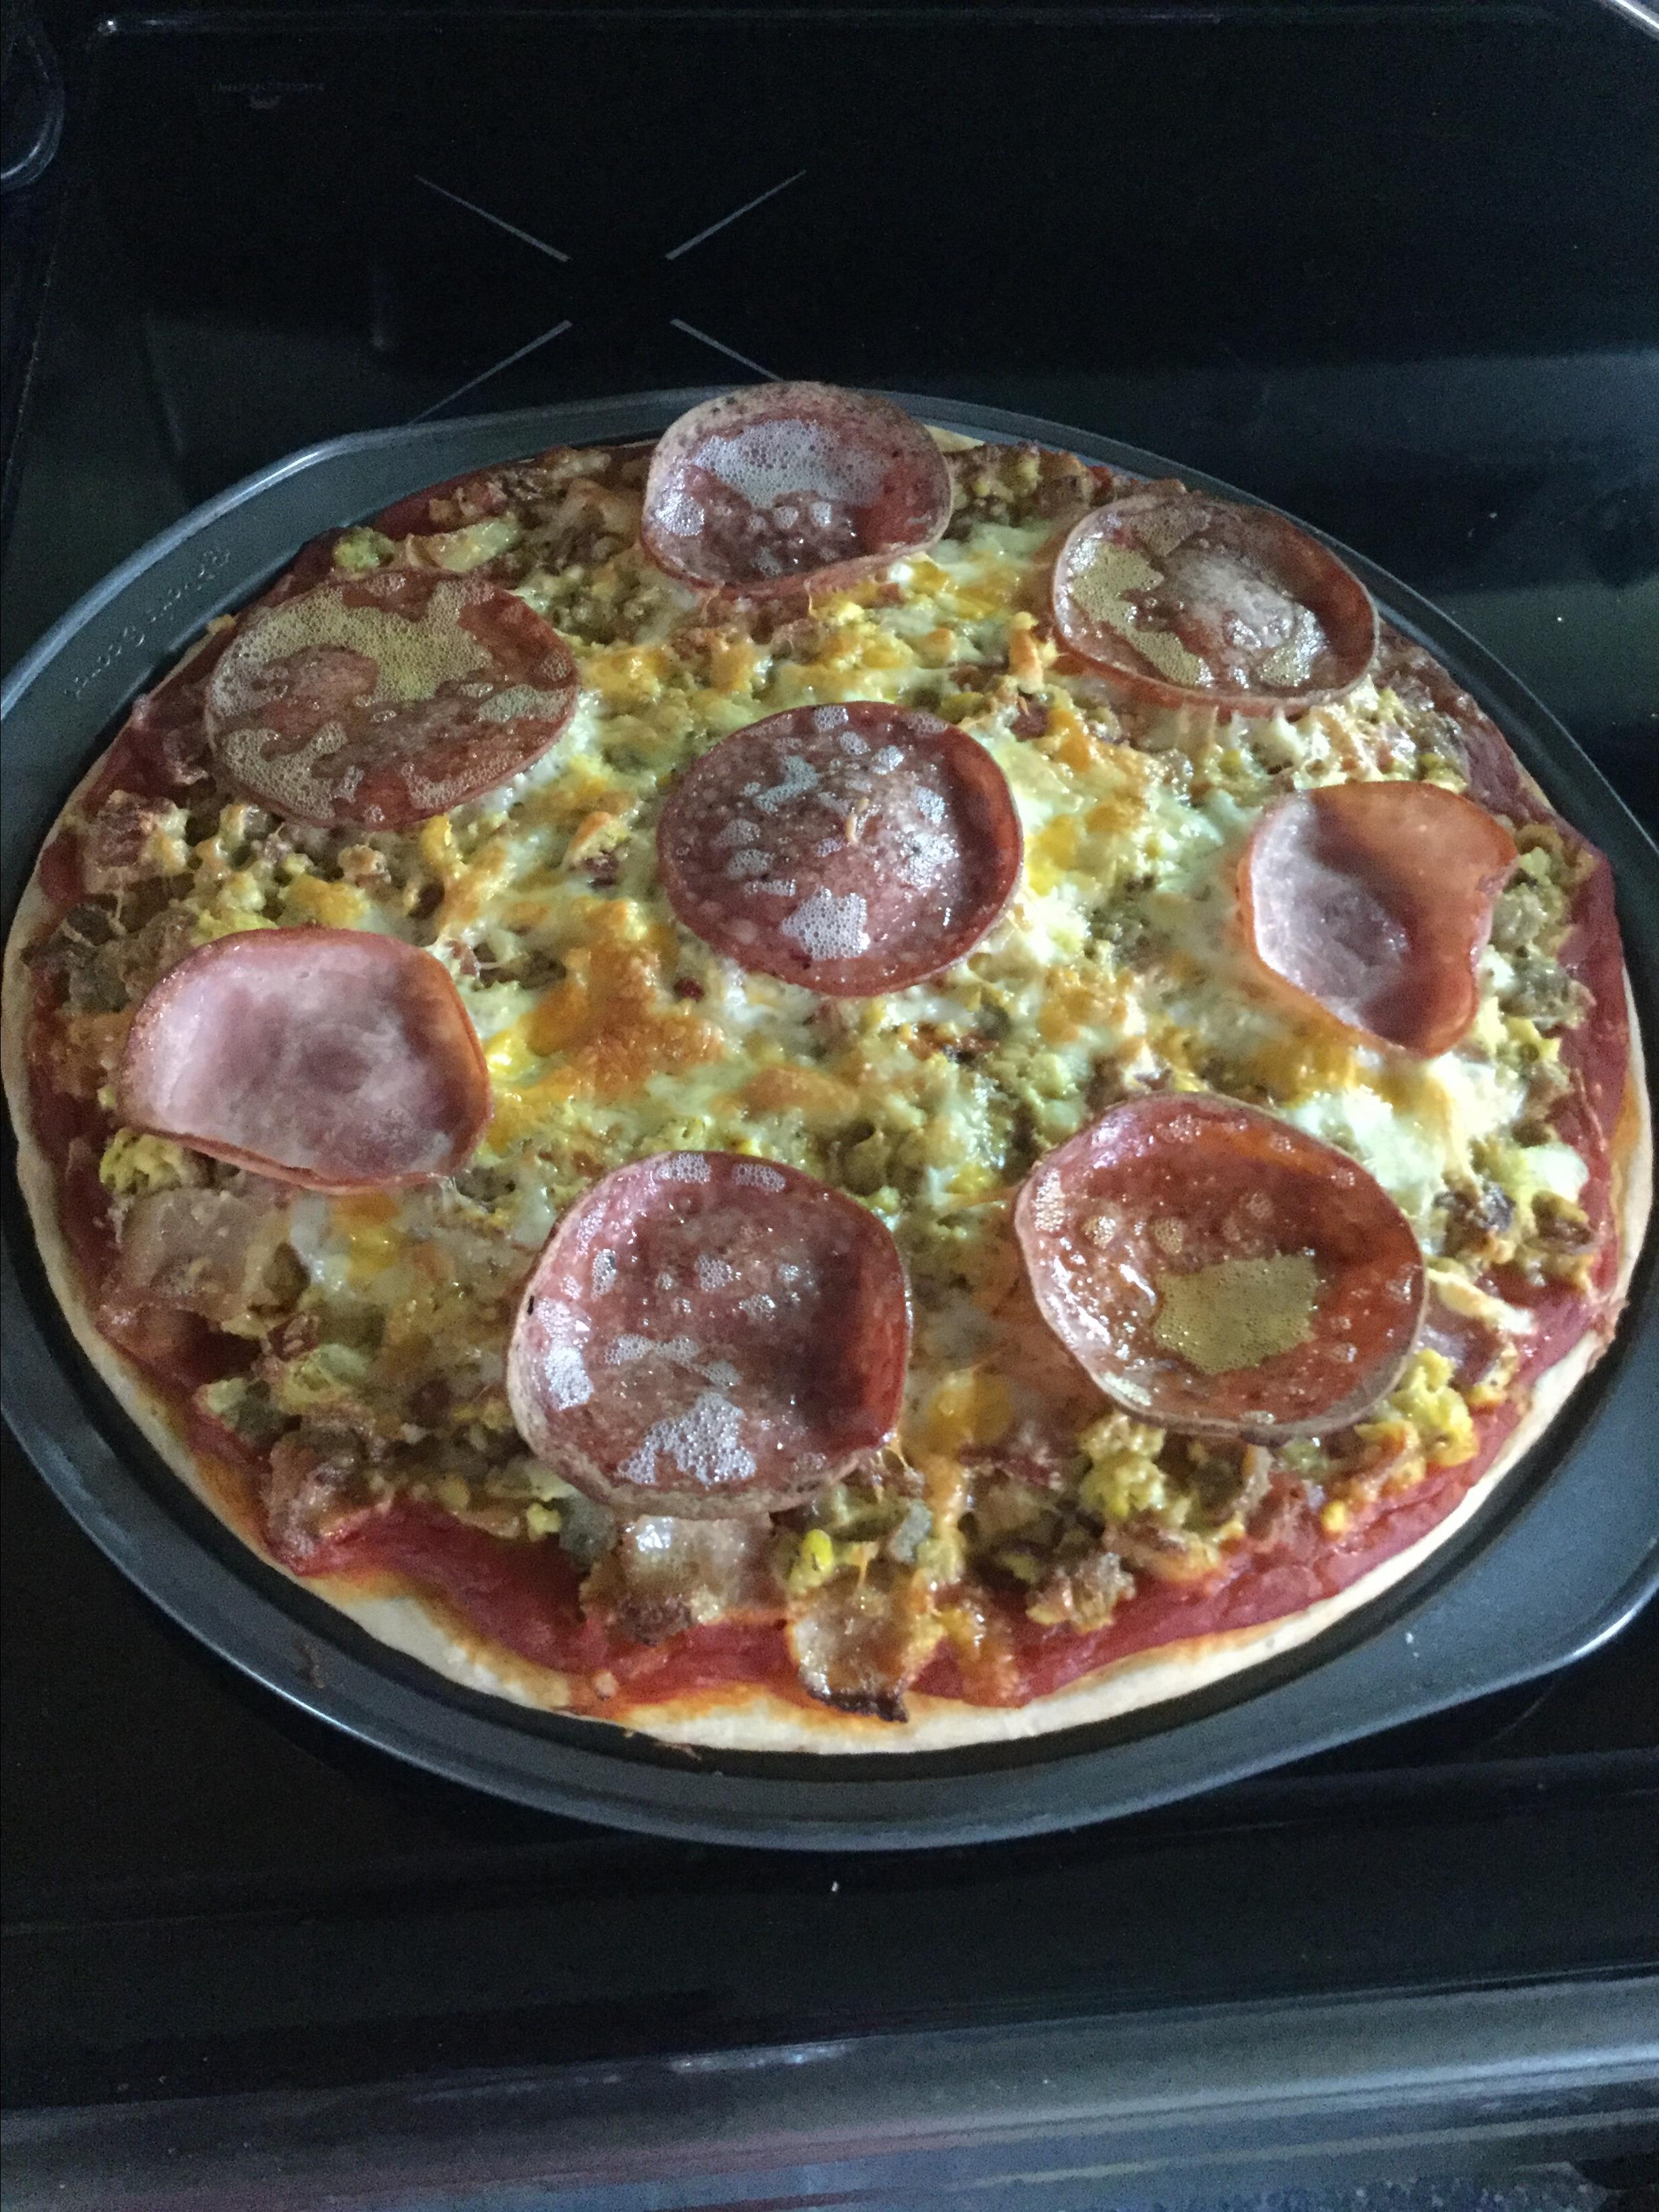 Scrambled Pizza Yolanda Humby